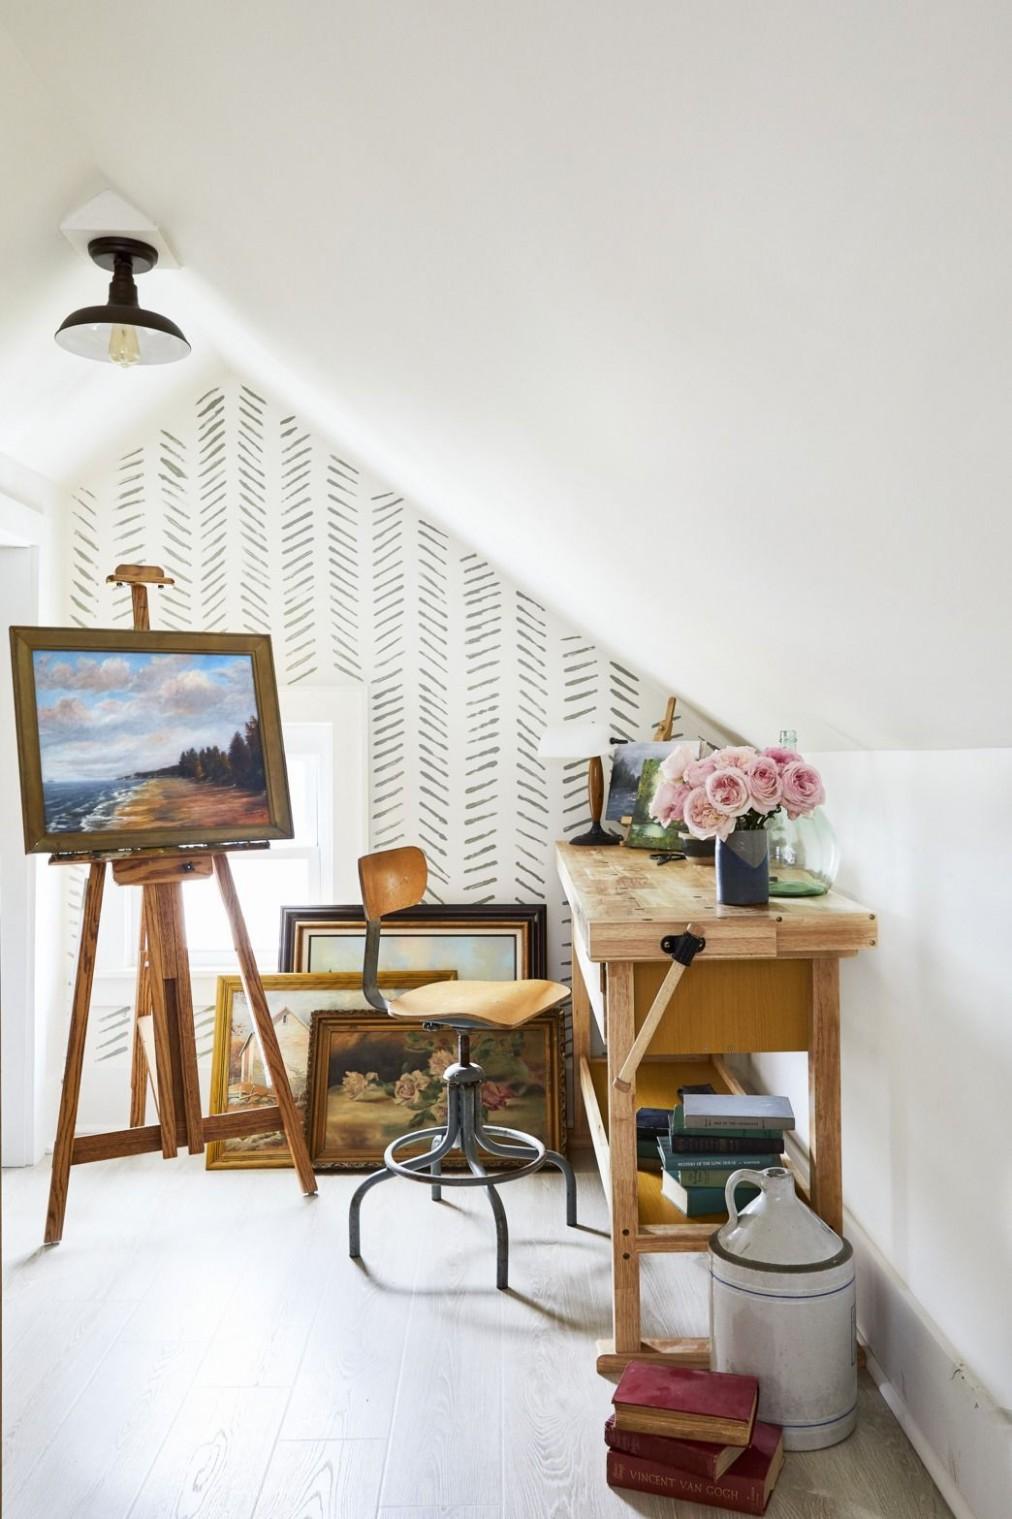 12 Best Home Office Ideas - Home Office Decor Photos - Home Office Ideas Loft